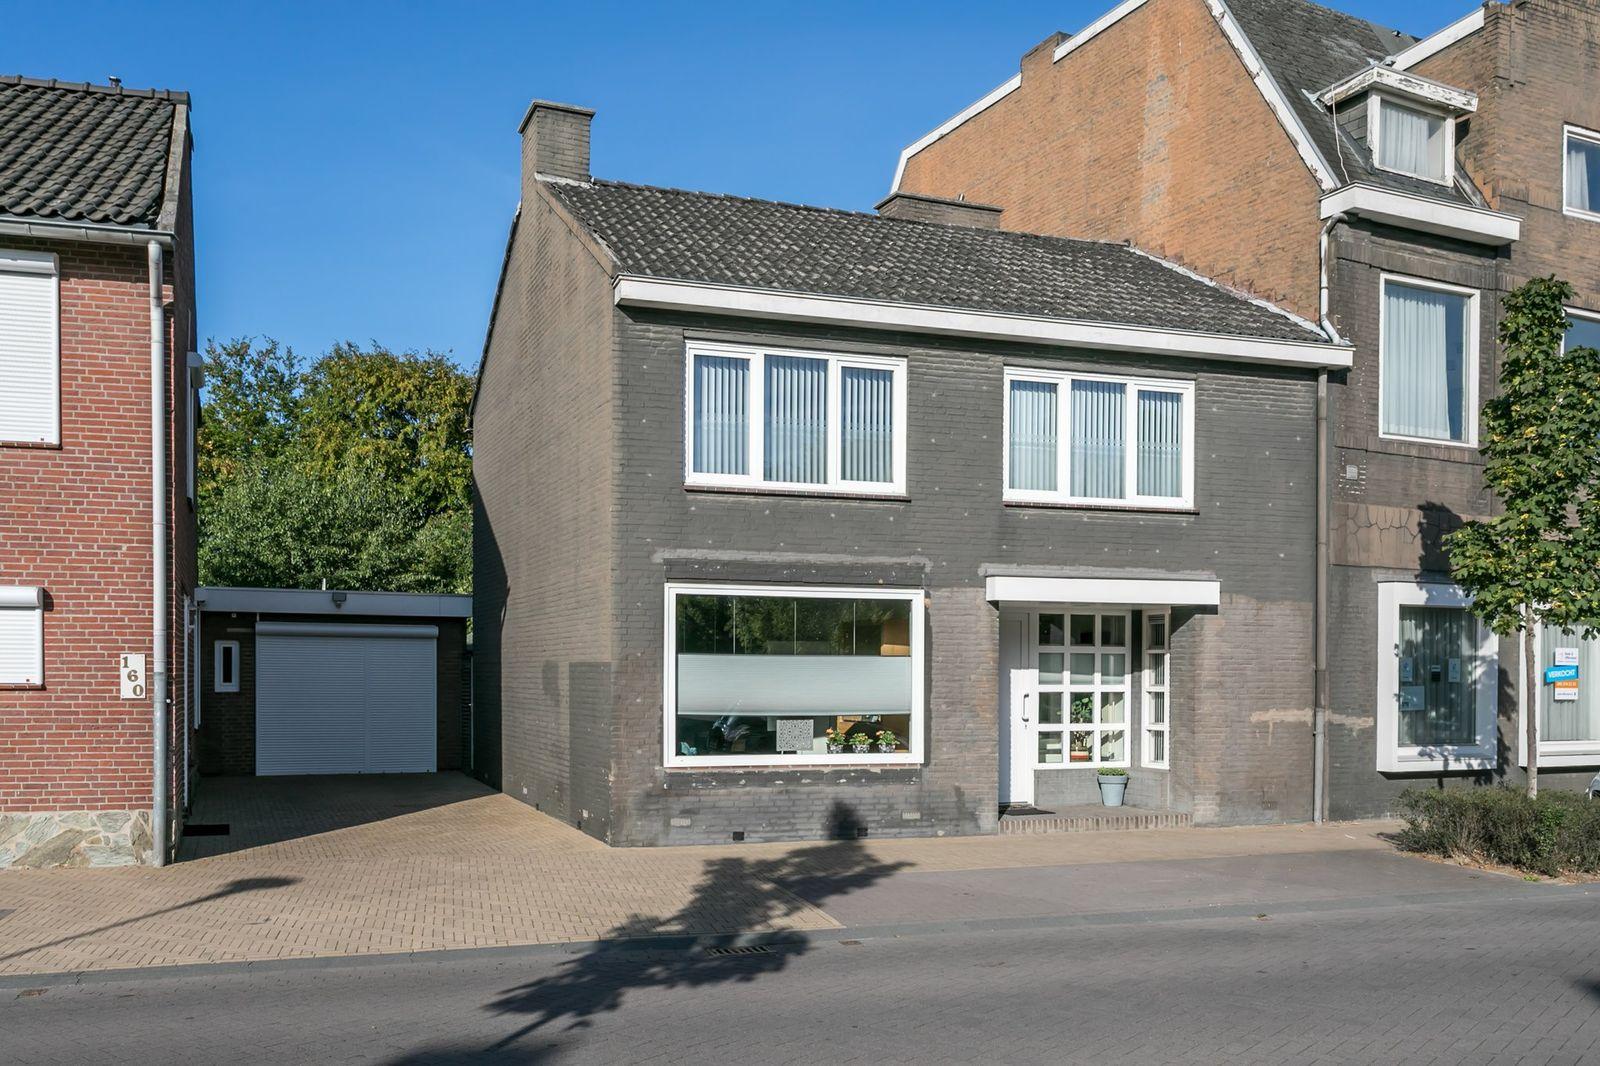 Nieuwstraat 158, Hoensbroek